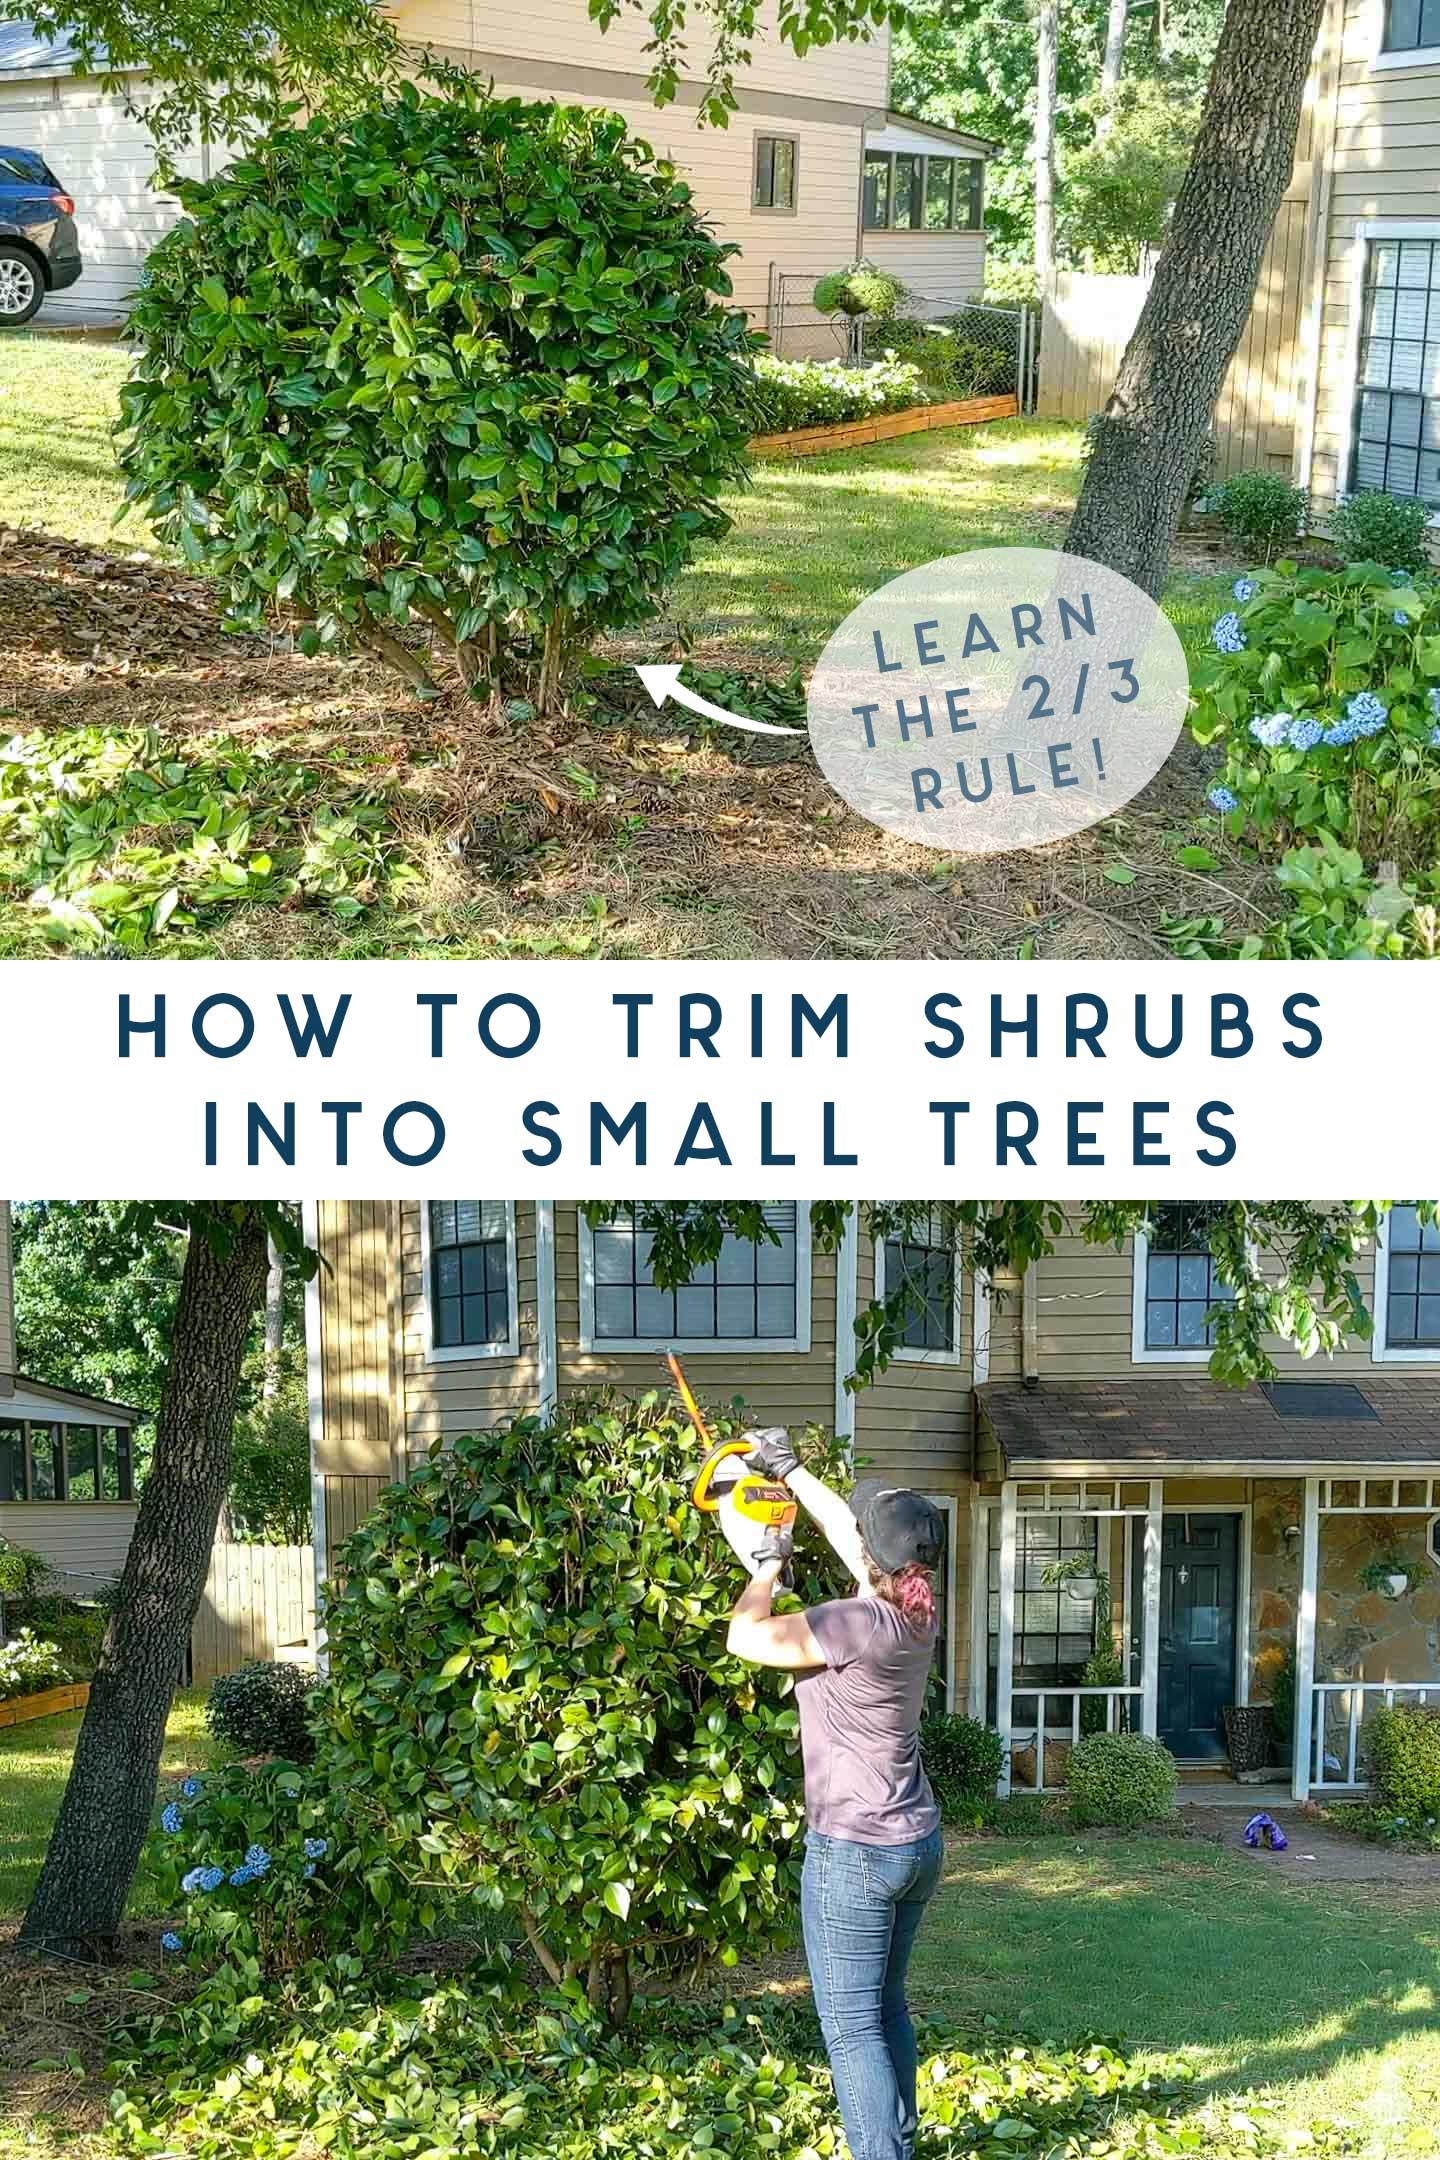 trim shrubs into small trees